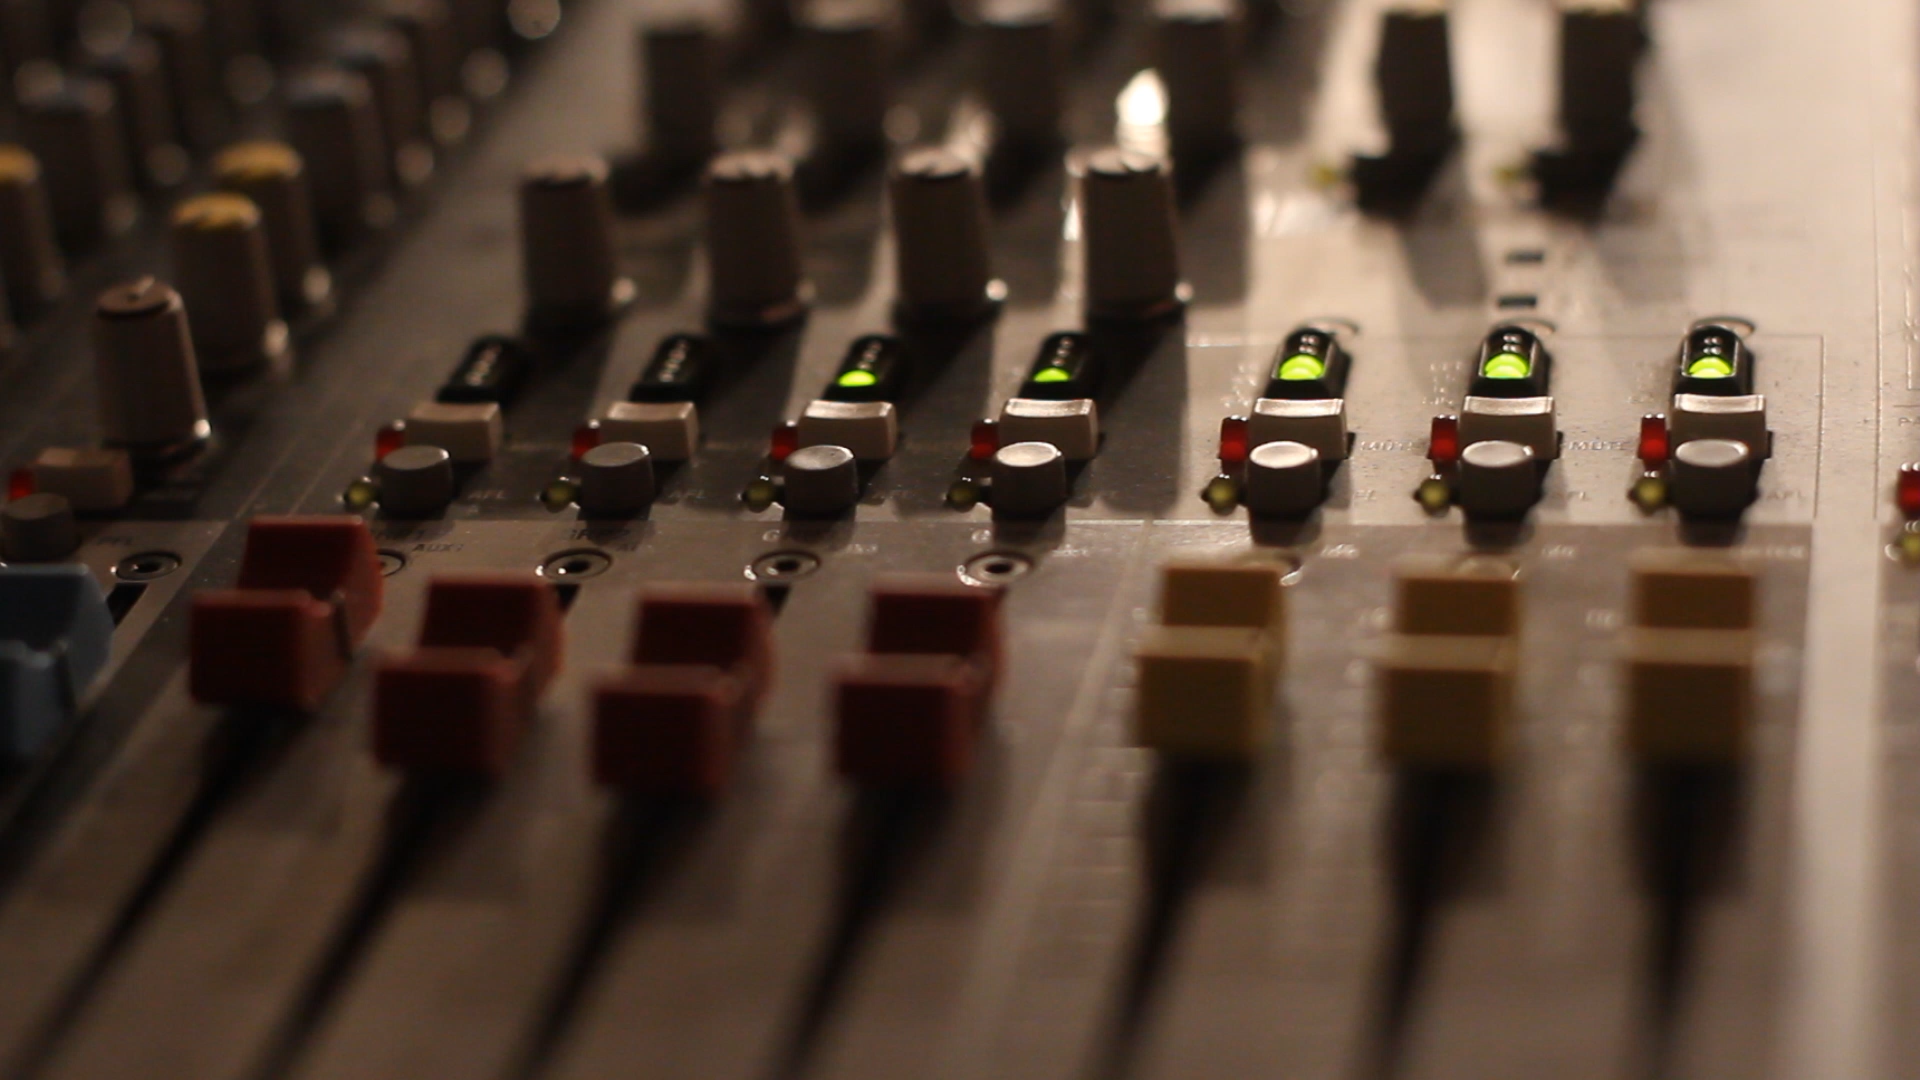 Mixing